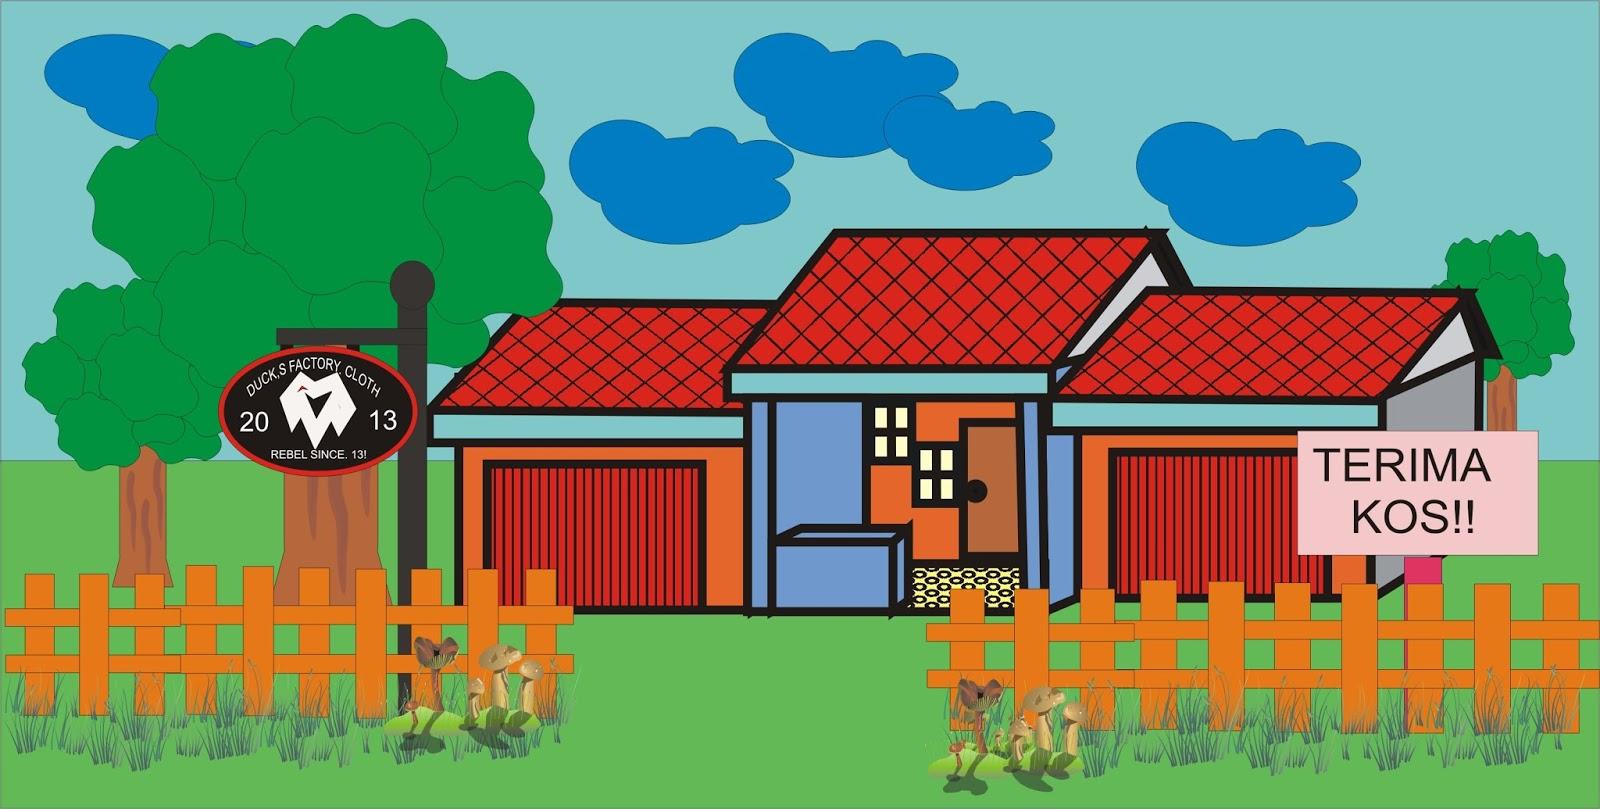 Gambar Desain Rumah Coreldraw  Images Cara Membuat Undangan Sederhana Dengan Coreldraw